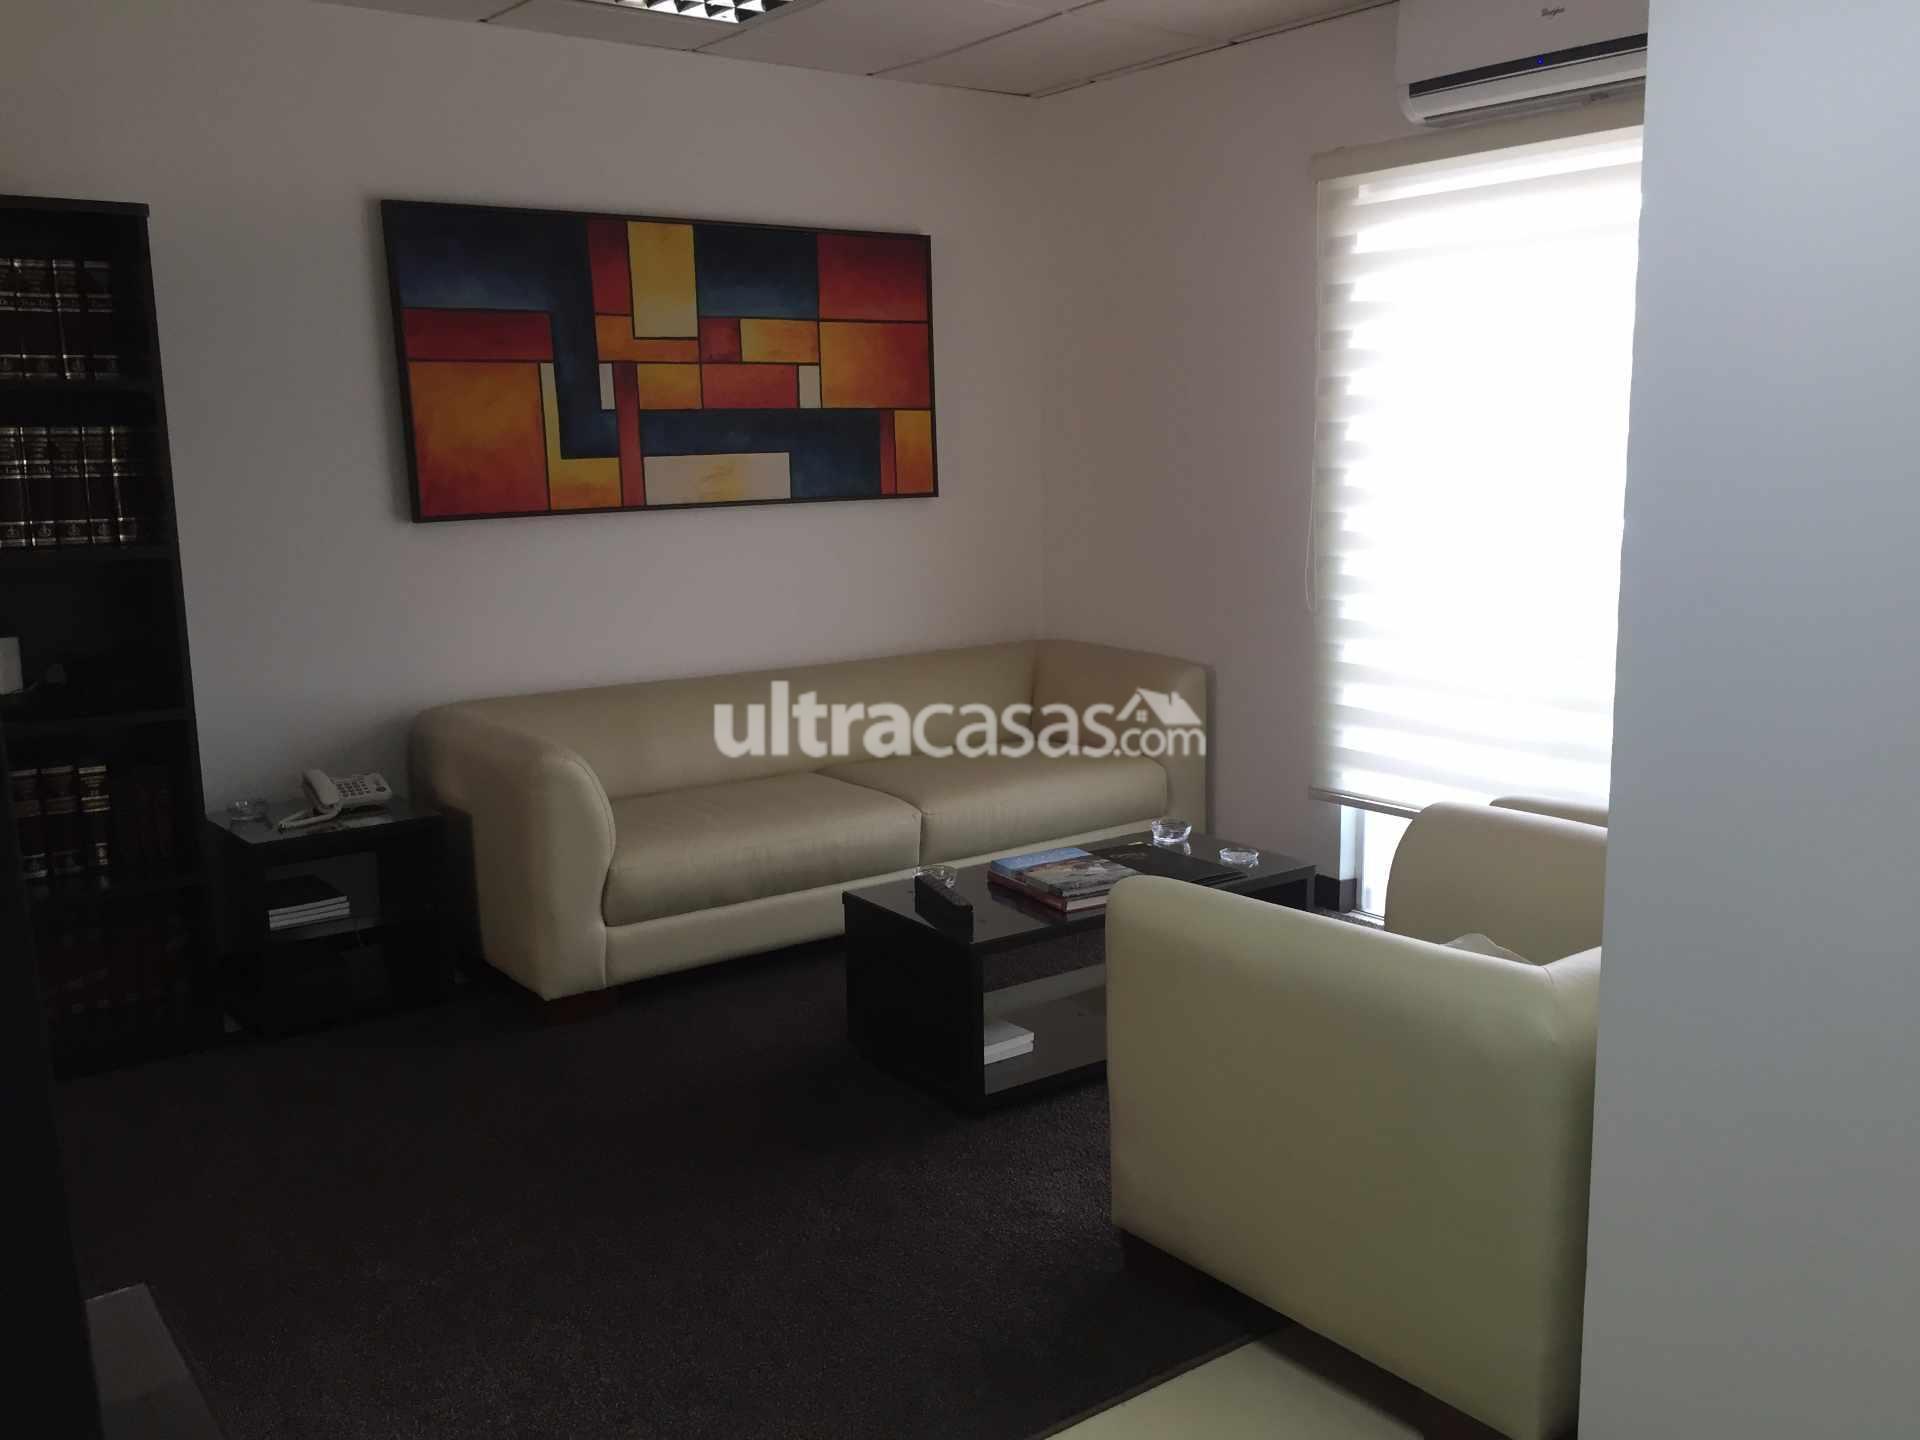 Oficina en Venta EQUIPETROL NORTE 3er ANILLO EXTERNO C/DR. JAIME ROMAN Foto 12